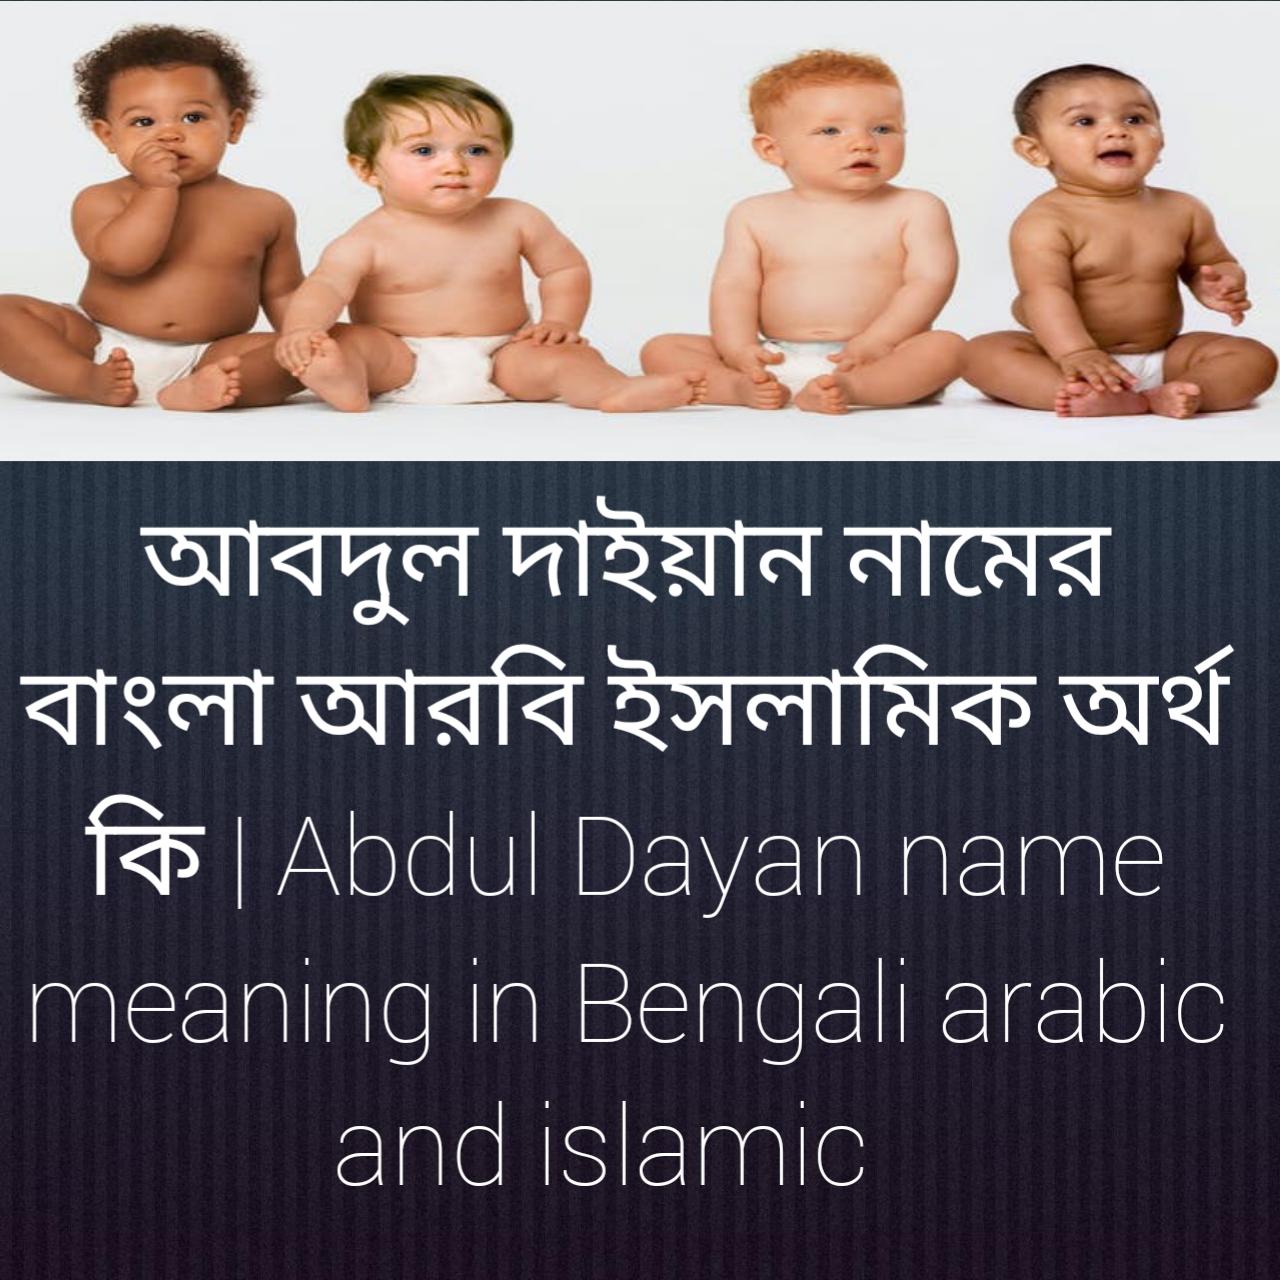 আবদুল দাইয়ান নামের অর্থ কি, আবদুল দাইয়ান নামের বাংলা অর্থ কি, আবদুল দাইয়ান নামের ইসলামিক অর্থ কি, Abdul Dayan name meaning in Bengali, আবদুল দাইয়ান কি ইসলামিক নাম,